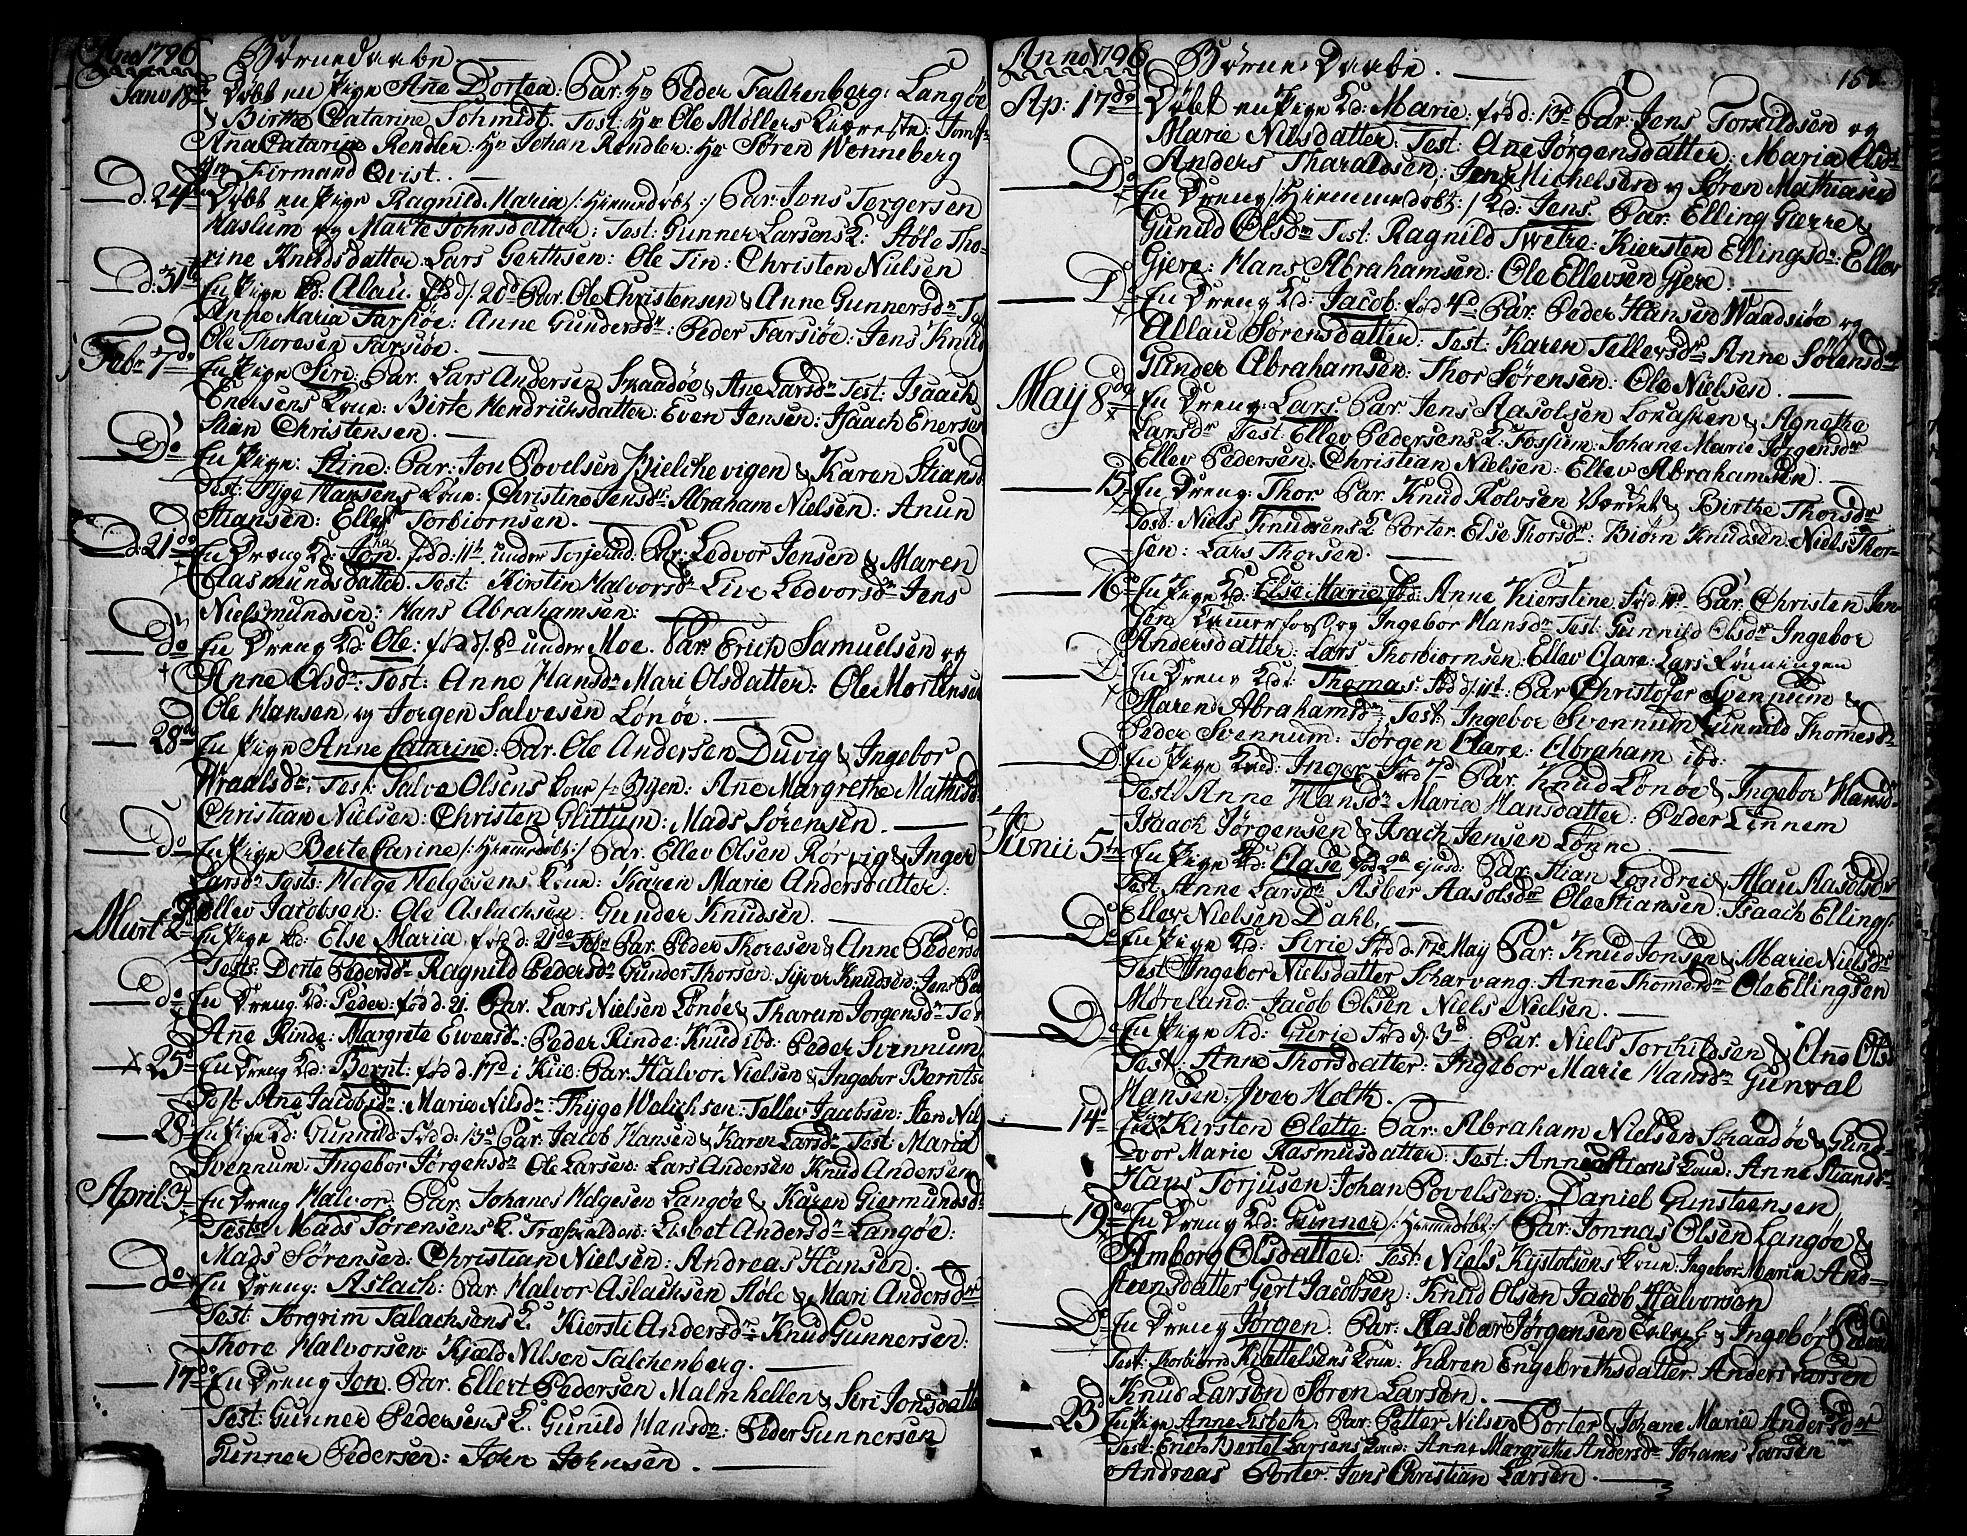 SAKO, Sannidal kirkebøker, F/Fa/L0002: Ministerialbok nr. 2, 1767-1802, s. 150